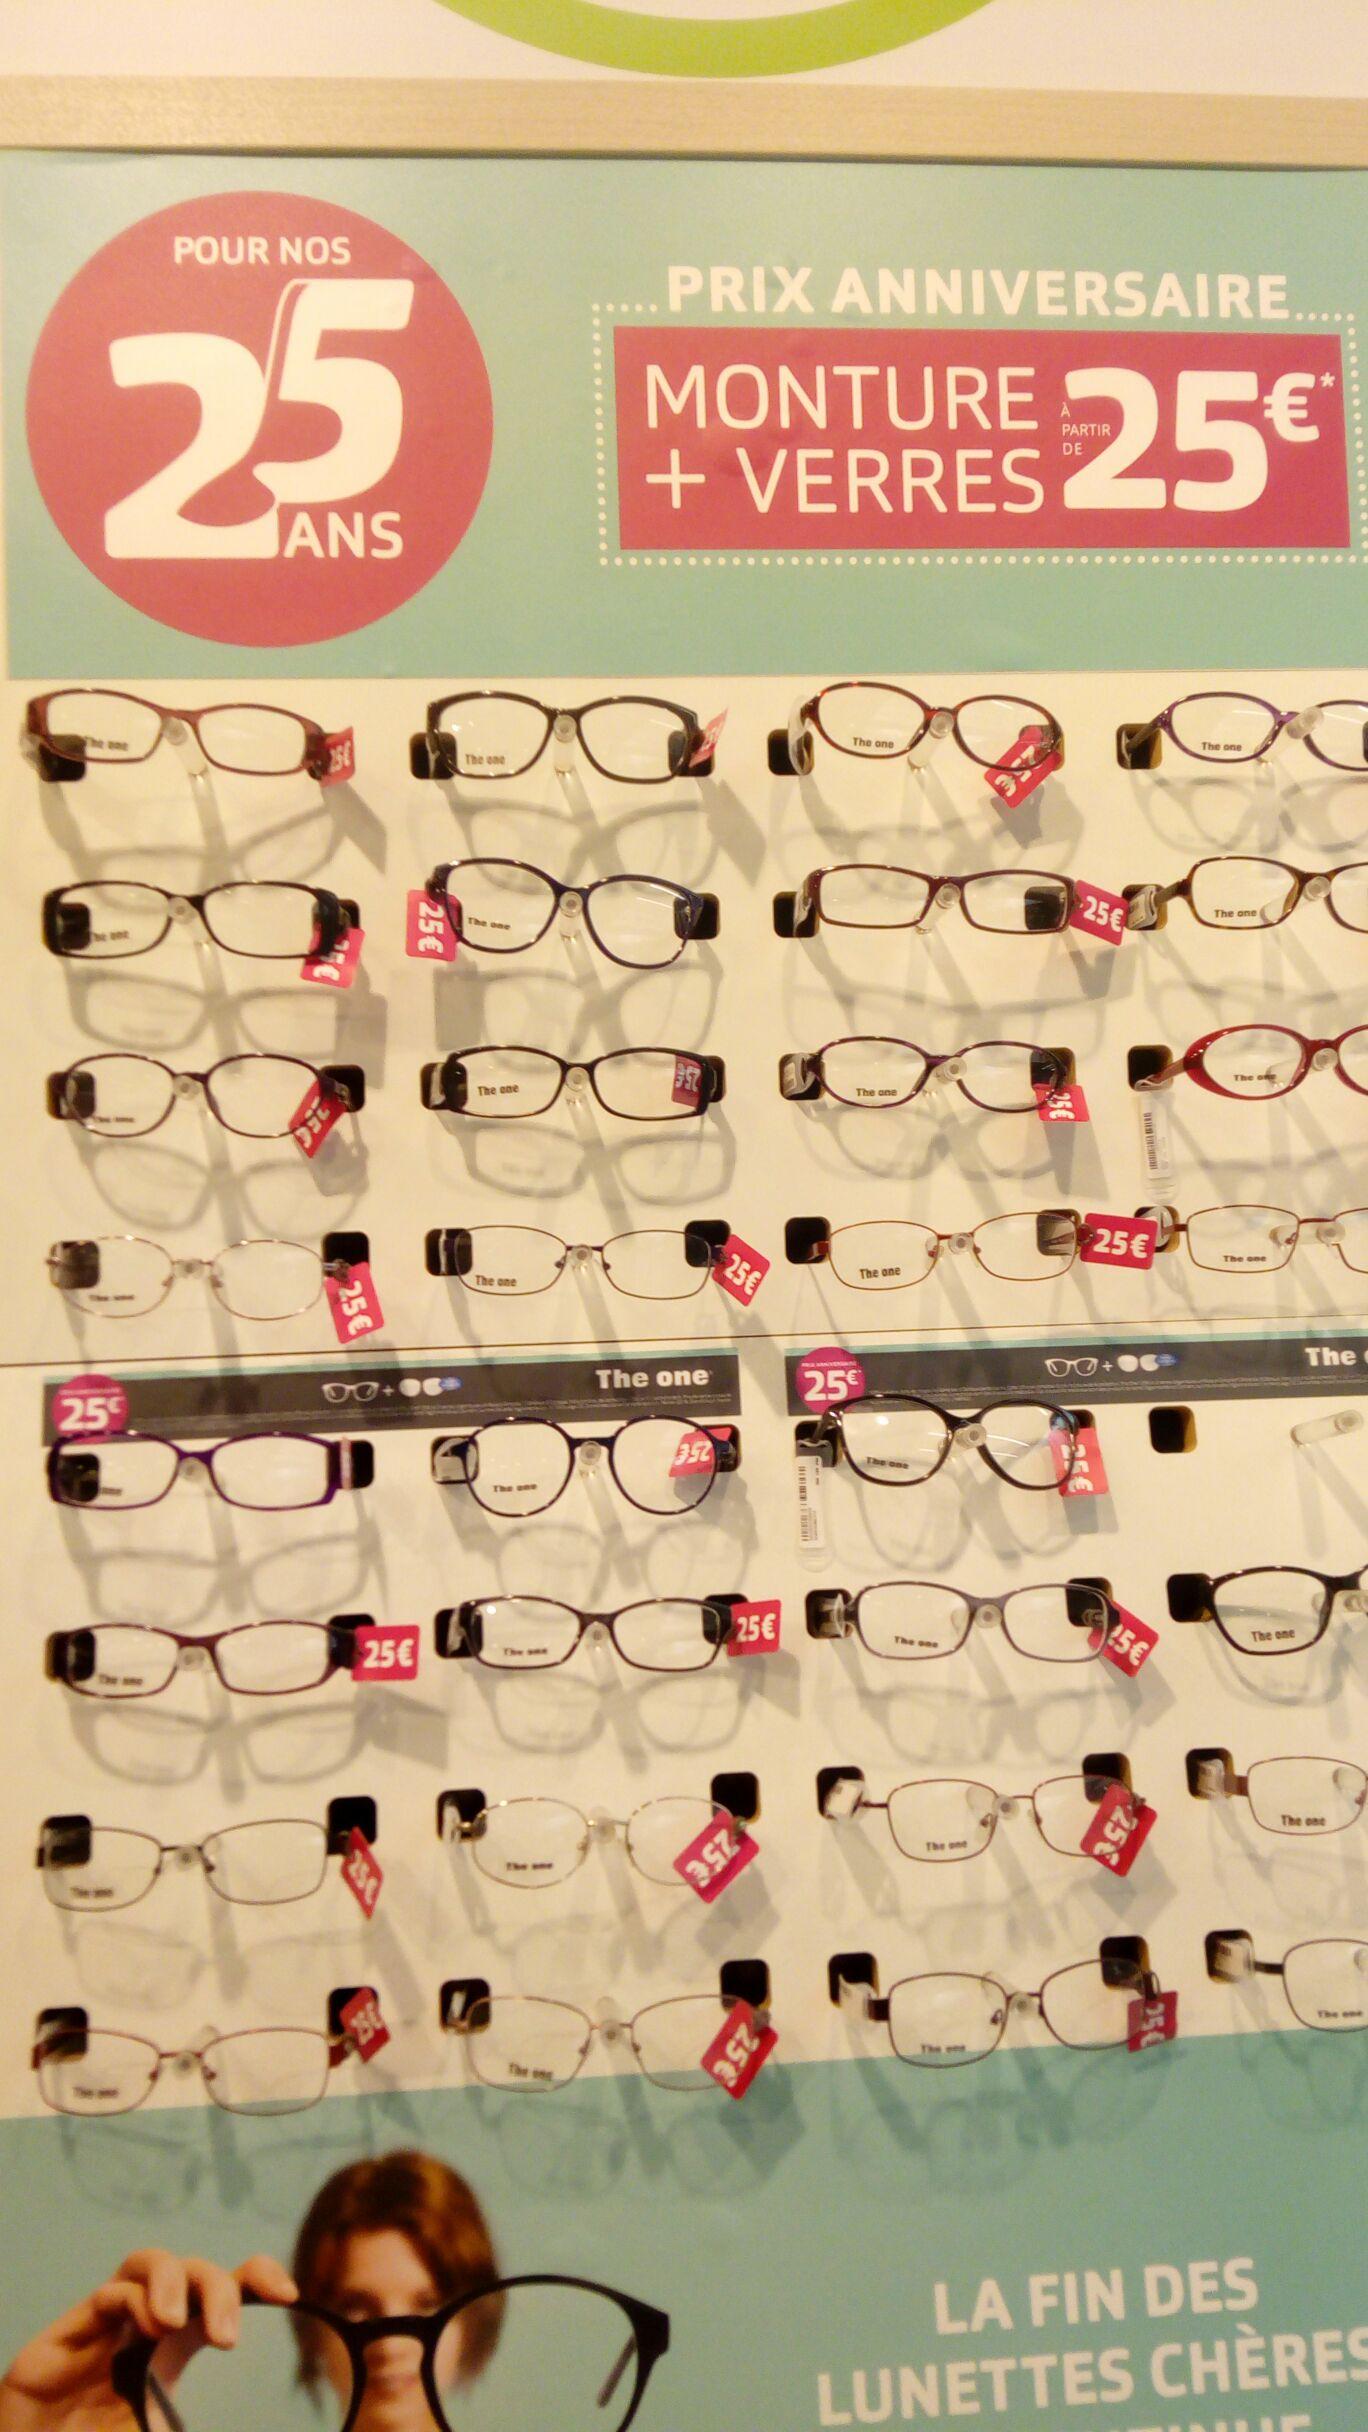 25€ la paire de lunettes (monture + verres) - Fenouillet (31)